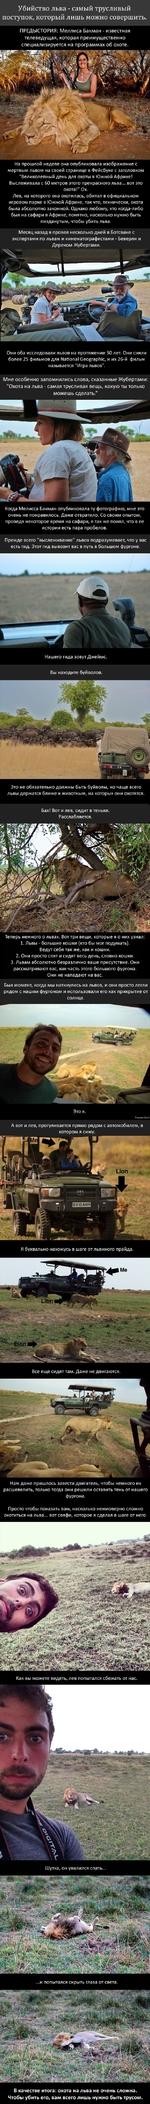 """Убийство льва - самый трусливый поступок, который лишь можно совершить ПРЕДЫСТОРИЯ: Меллиса Бакман - известная телеведущая, которая преимущественно специализируется на программах об охоте. На прошлой неделе она опубликовала изображение с мертвым львом на своей странице в Фейсбуке с заголовком """"Ве"""